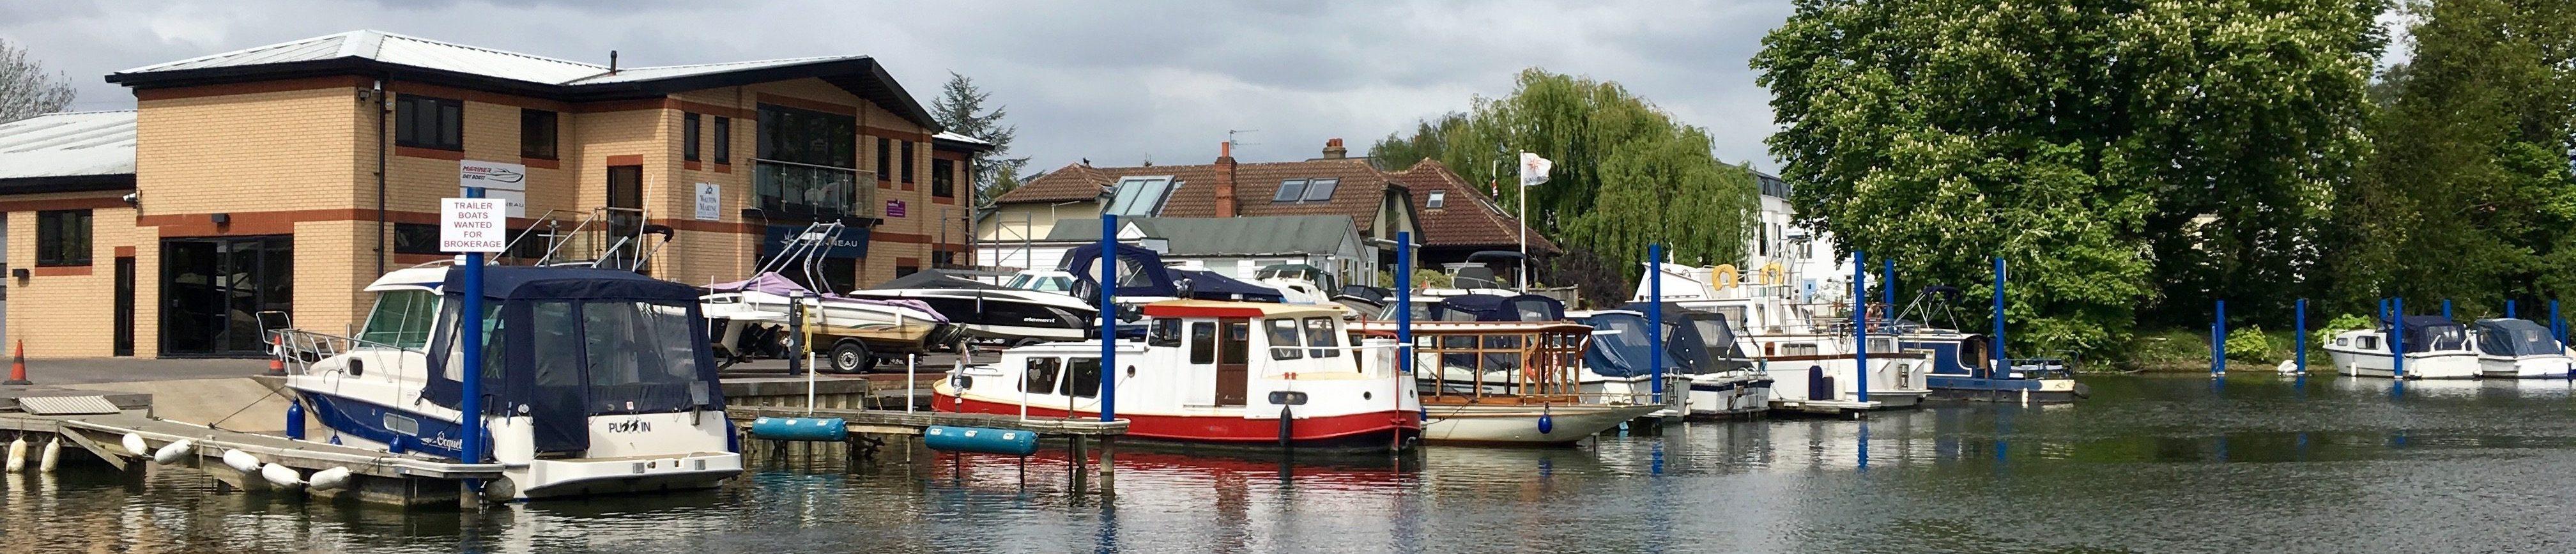 Thames Boat House Moorings